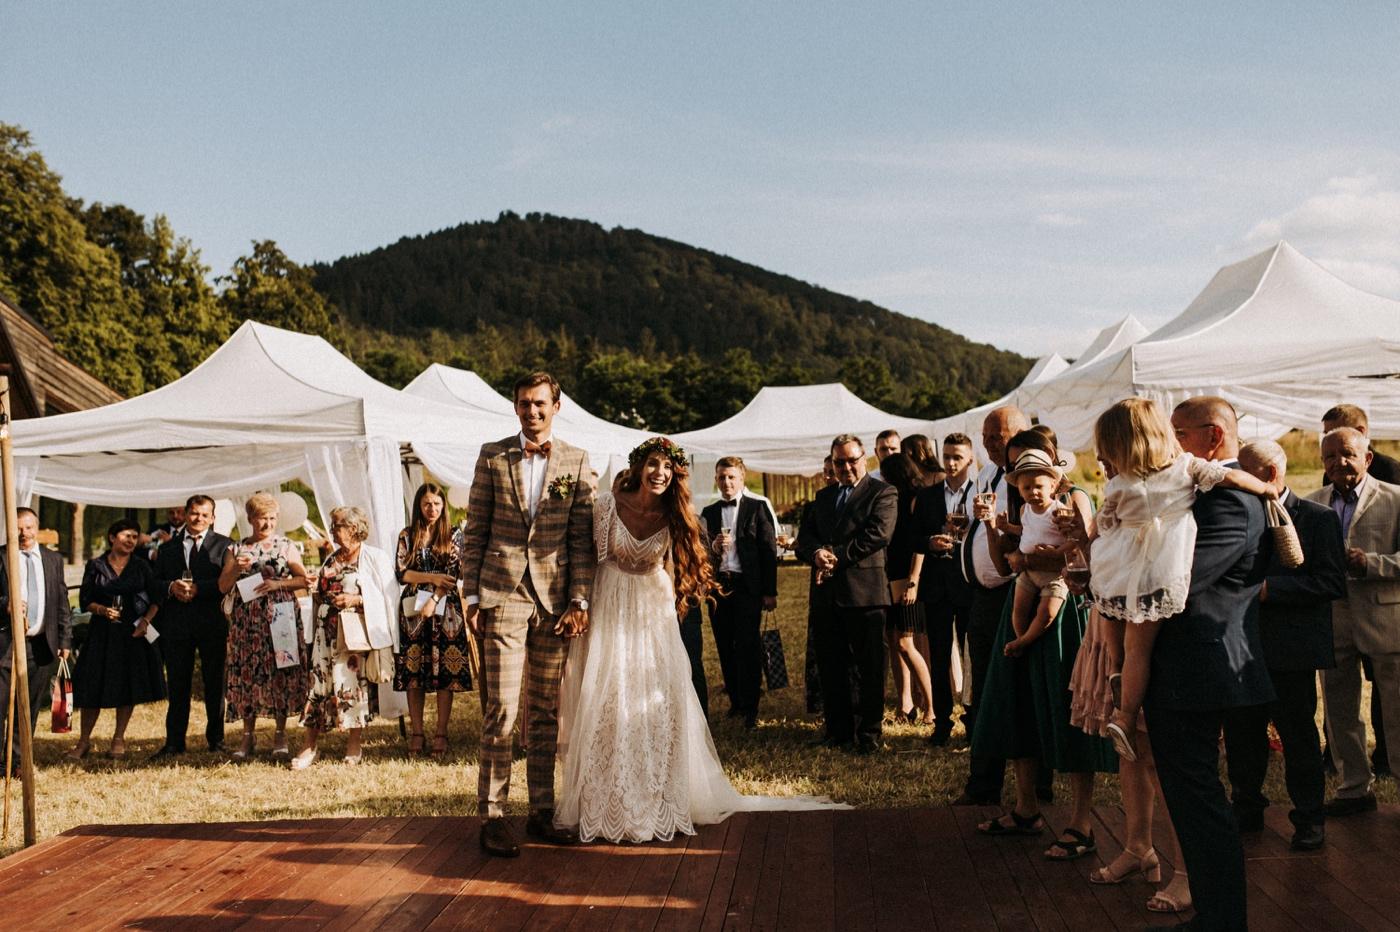 jaworze nałęże wesele pod namiotami w górach